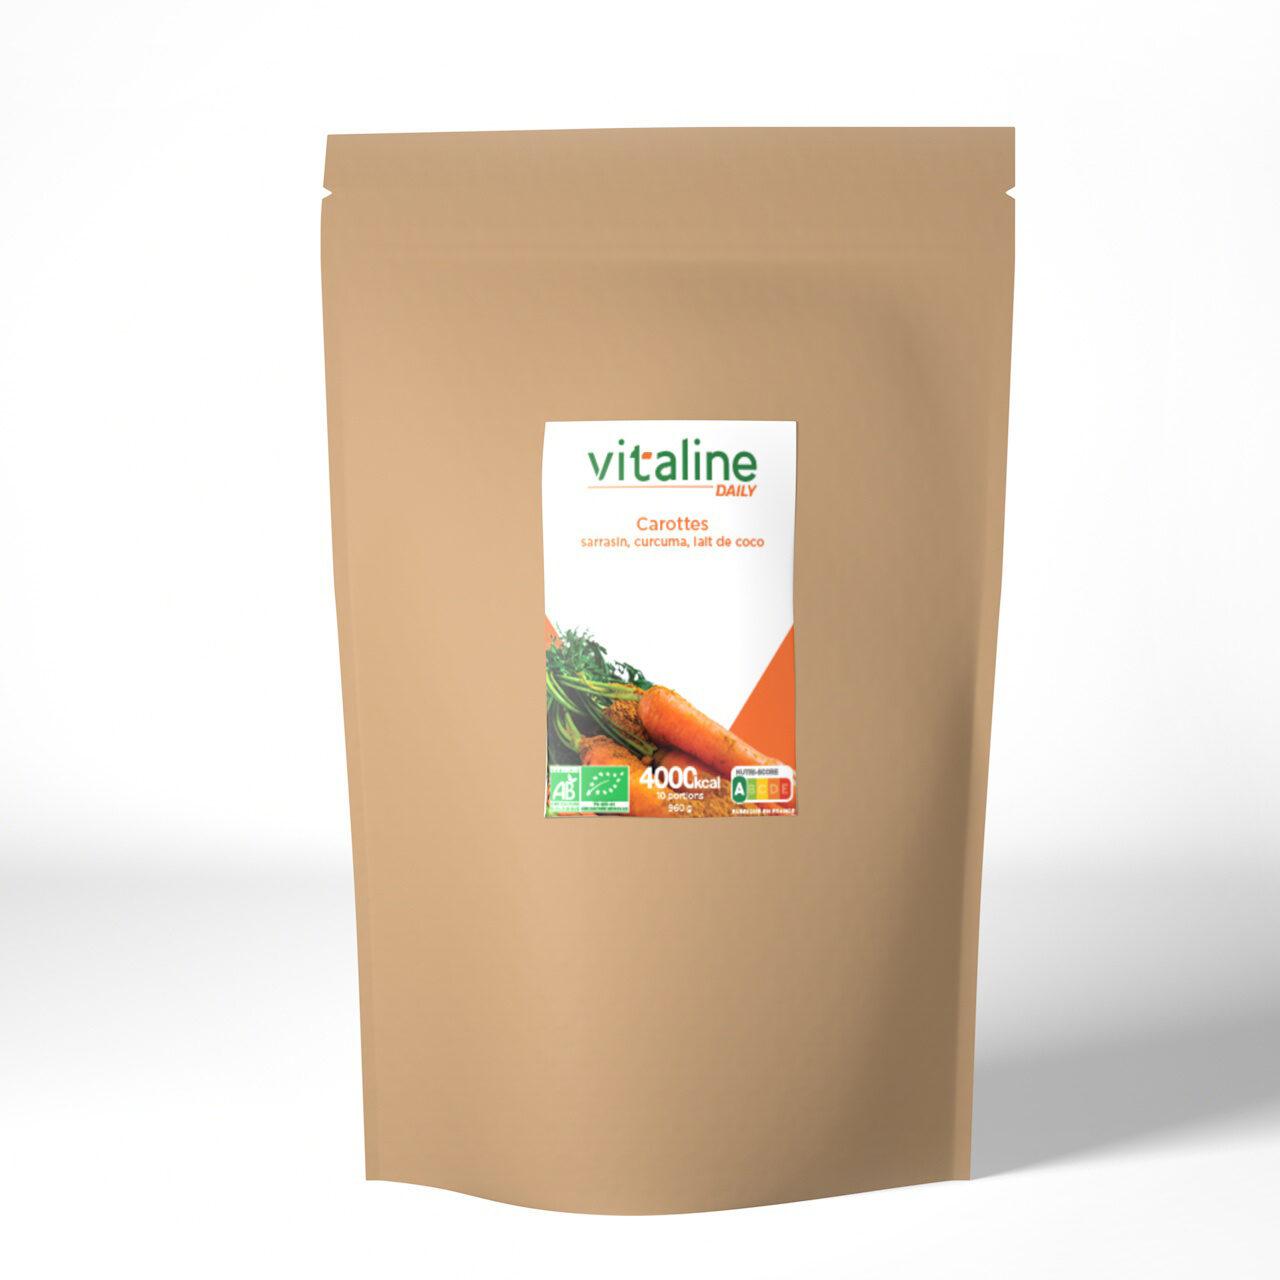 Vitaline Carottes, sarrasin, curcuma, lait de coco - Product - fr